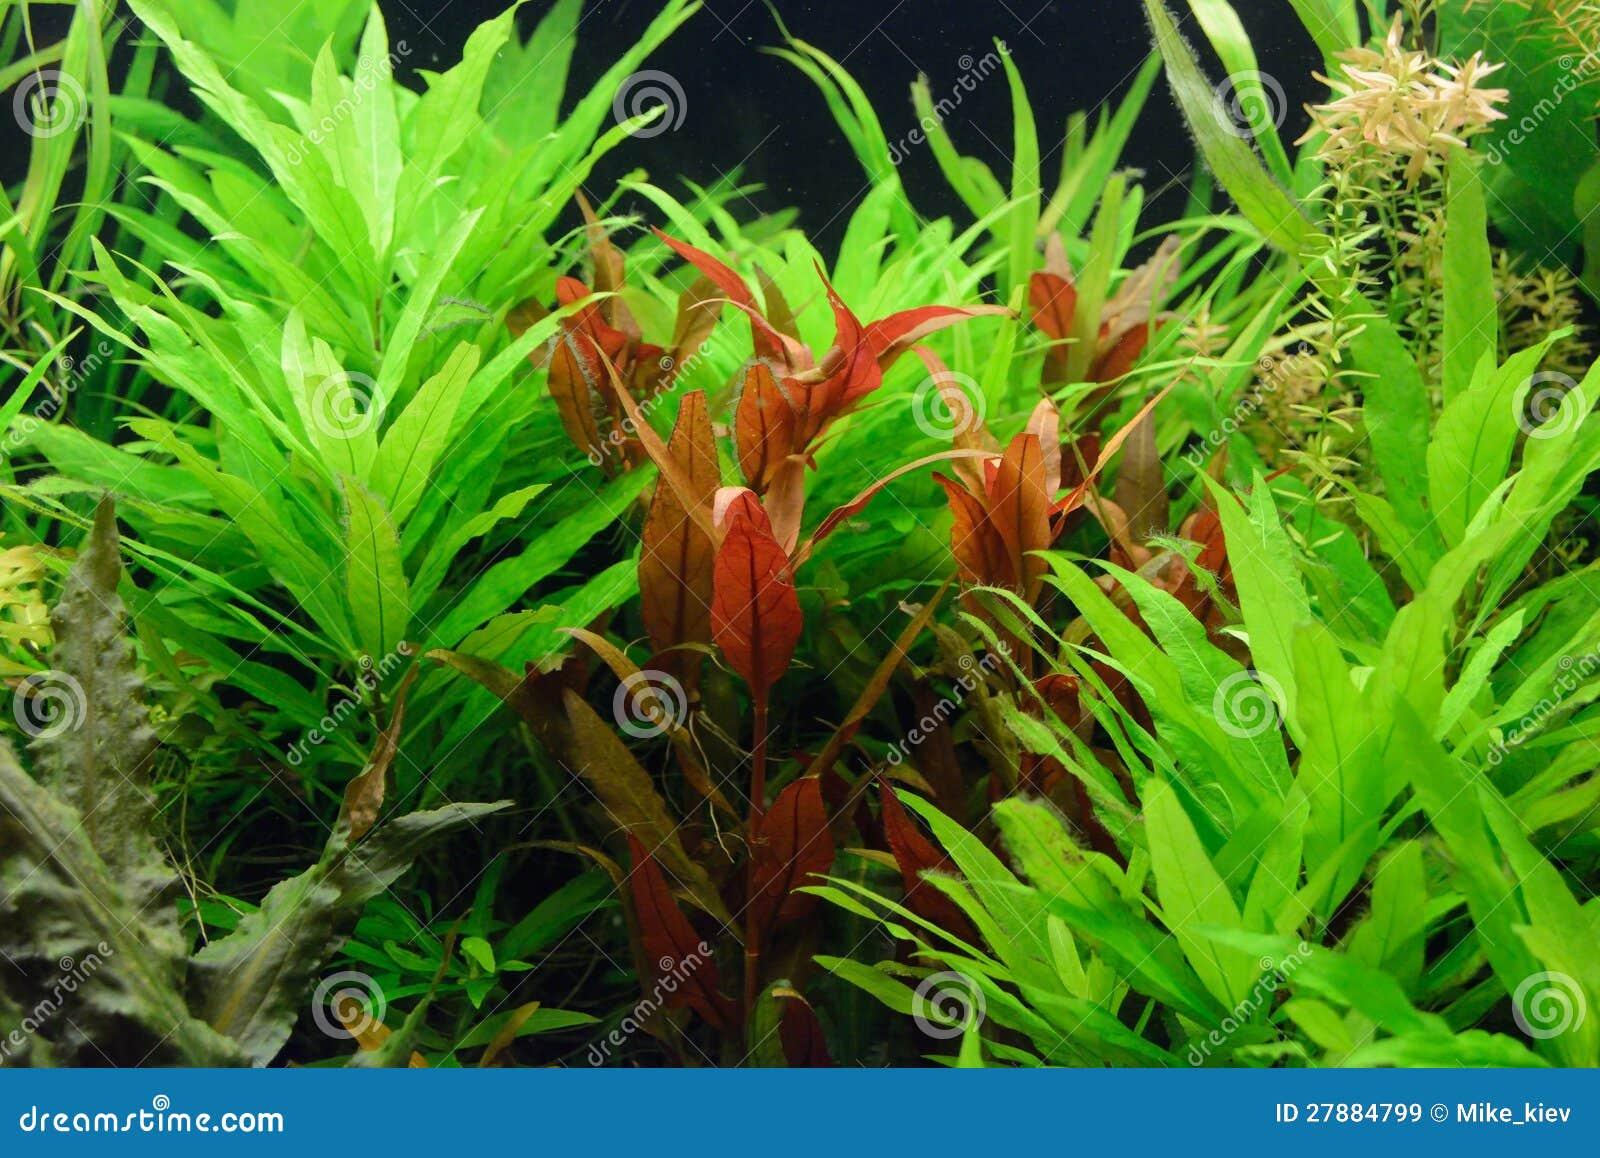 De decoratie van het aquarium royalty vrije stock afbeeldingen beeld 27884799 - Decoratie van de kamers van de meiden ...